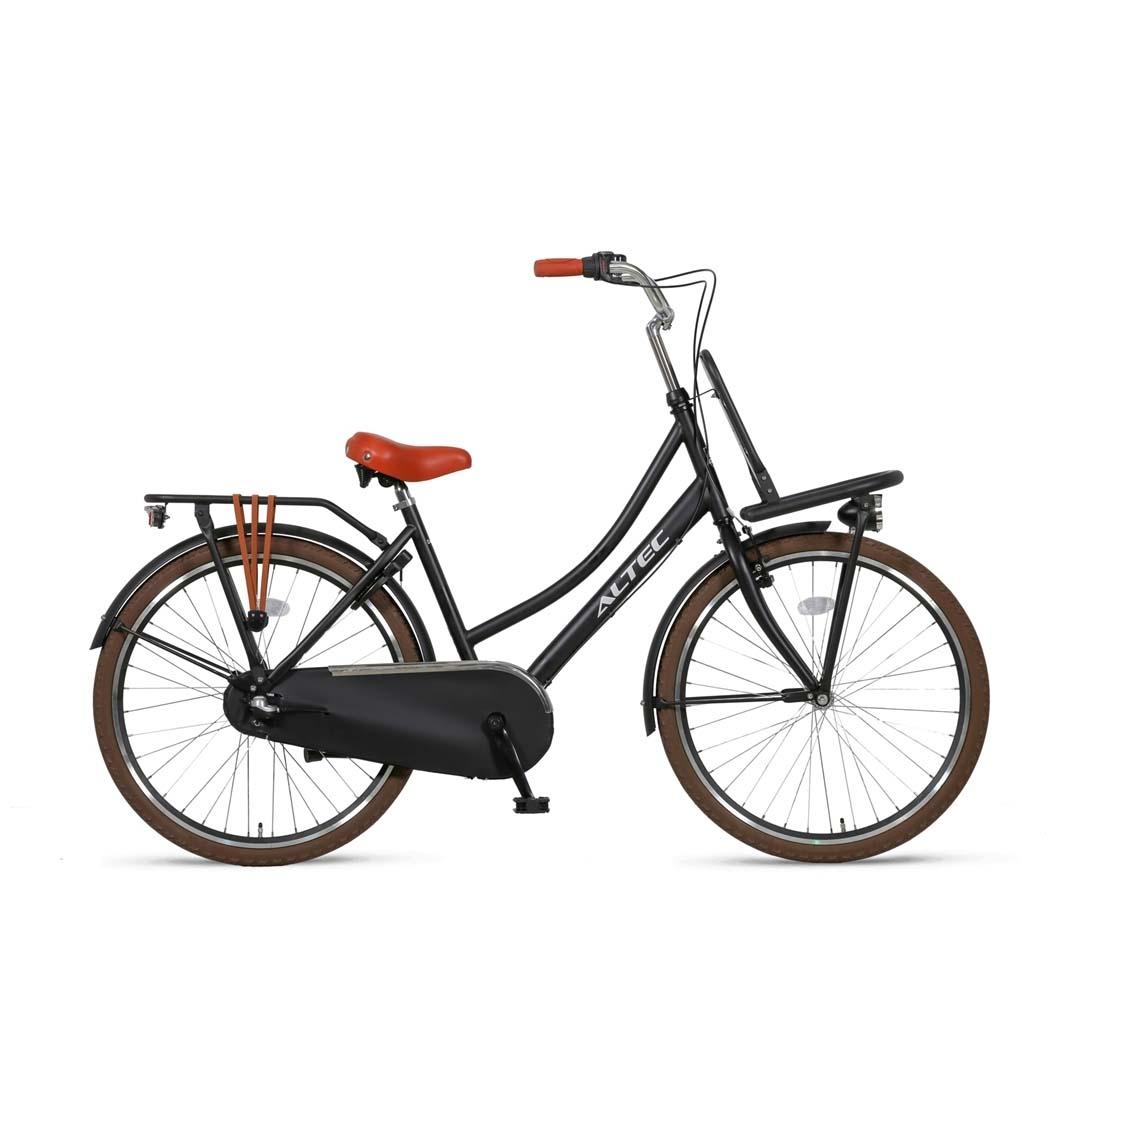 Altec-Dutch-26inch-Transportfiets-Zwart-2019 copy